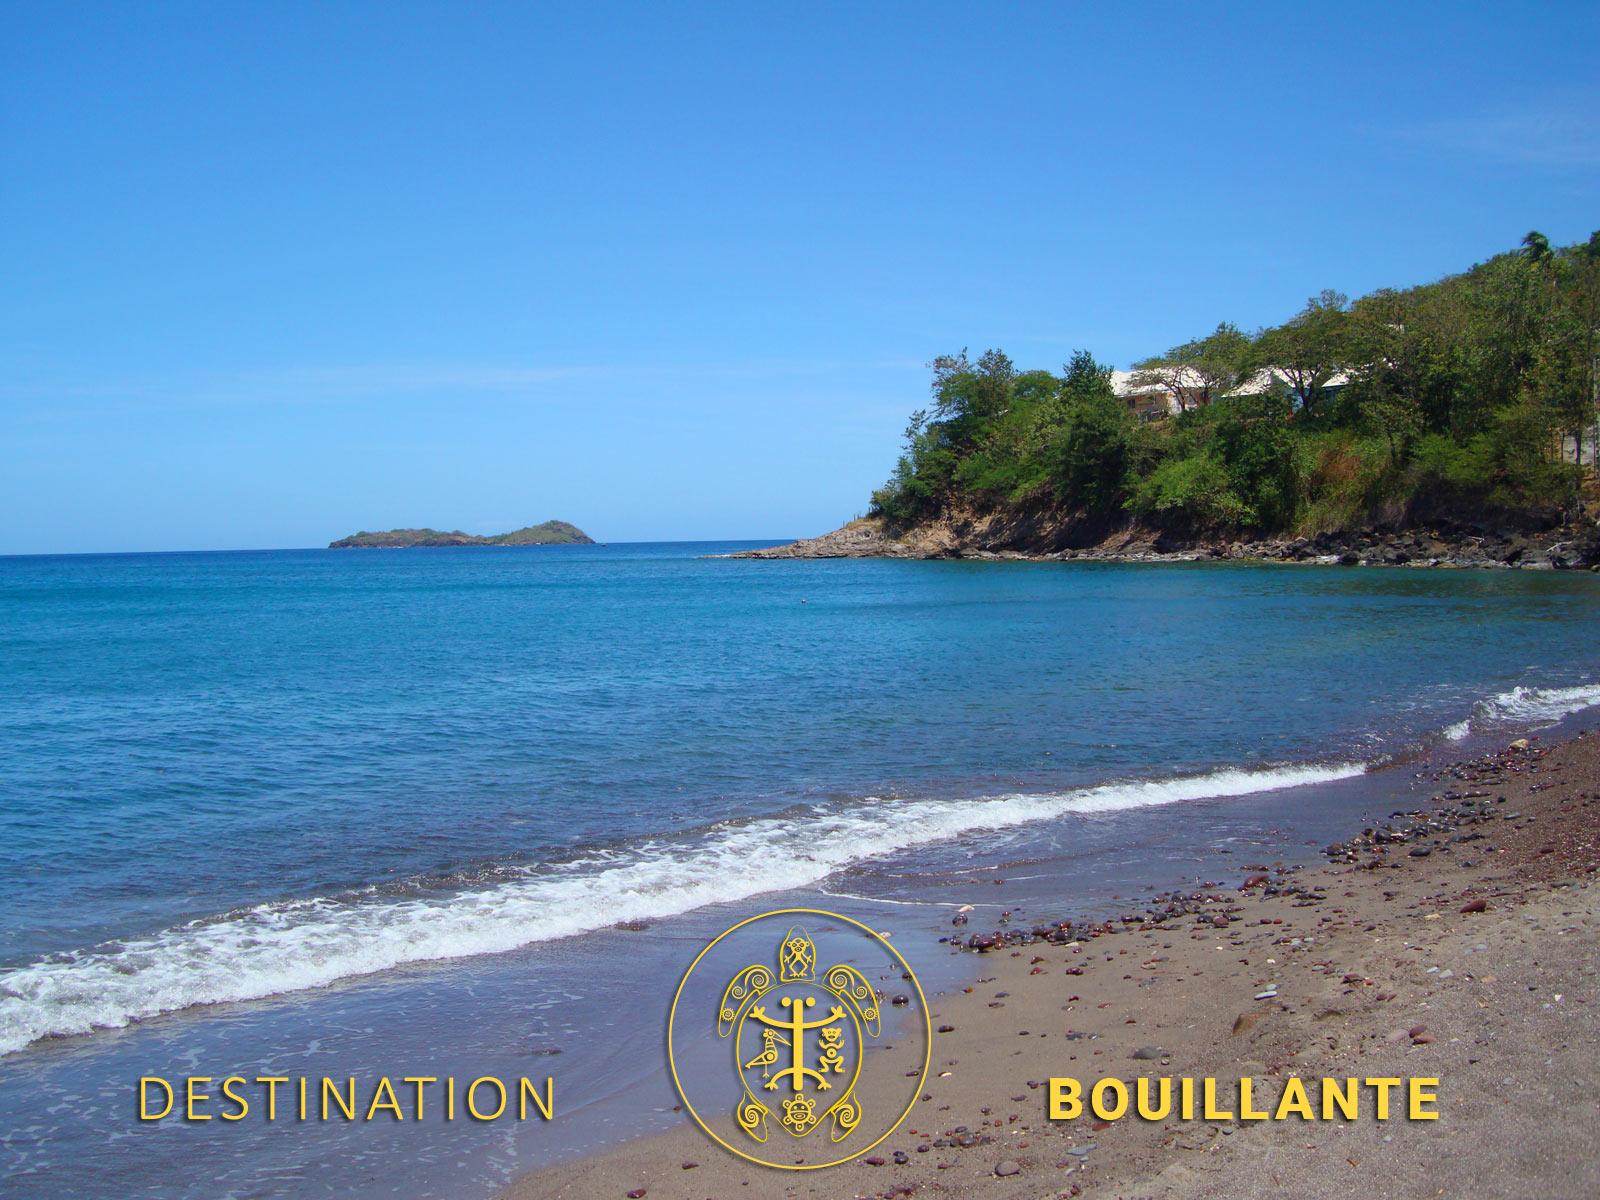 Plage de l'Anse à Sable - Bouillante